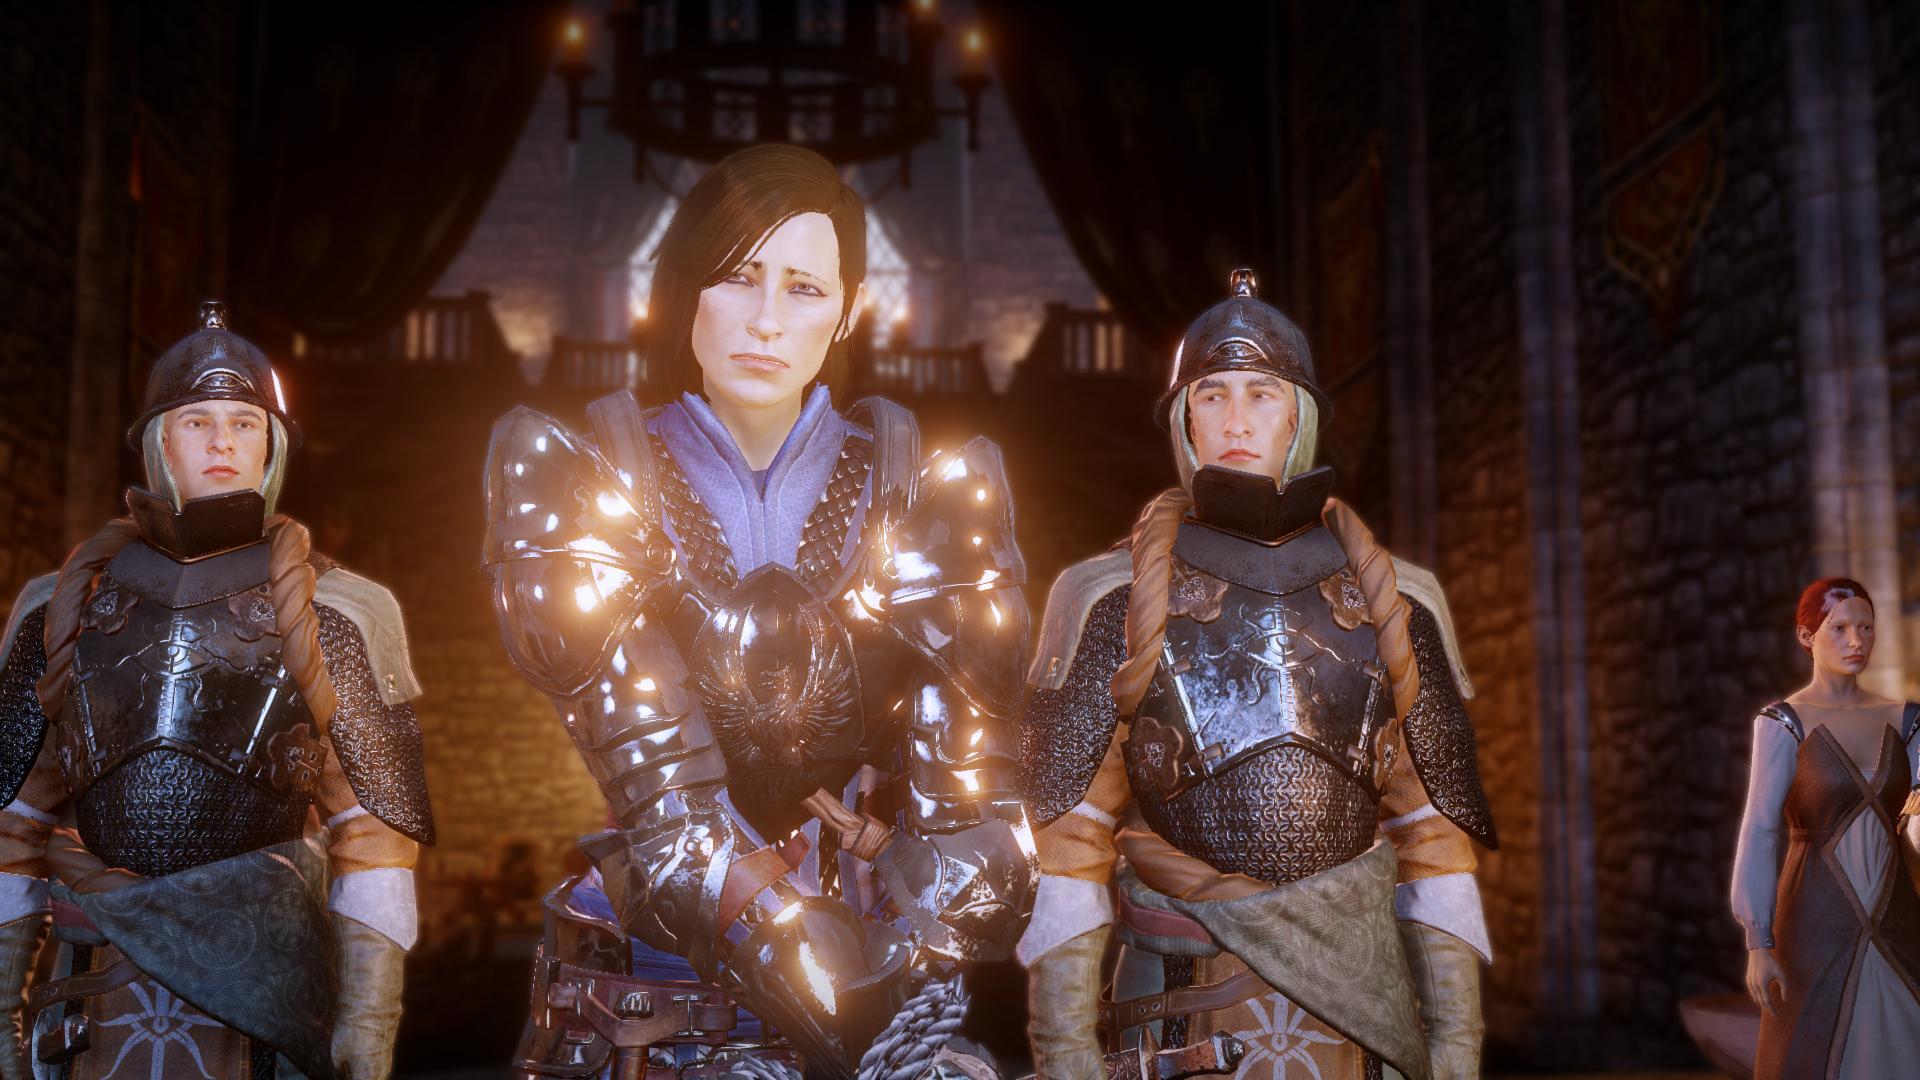 Ein Urteil Wird Verlangt Sammelquest Dragon Age Inquisition